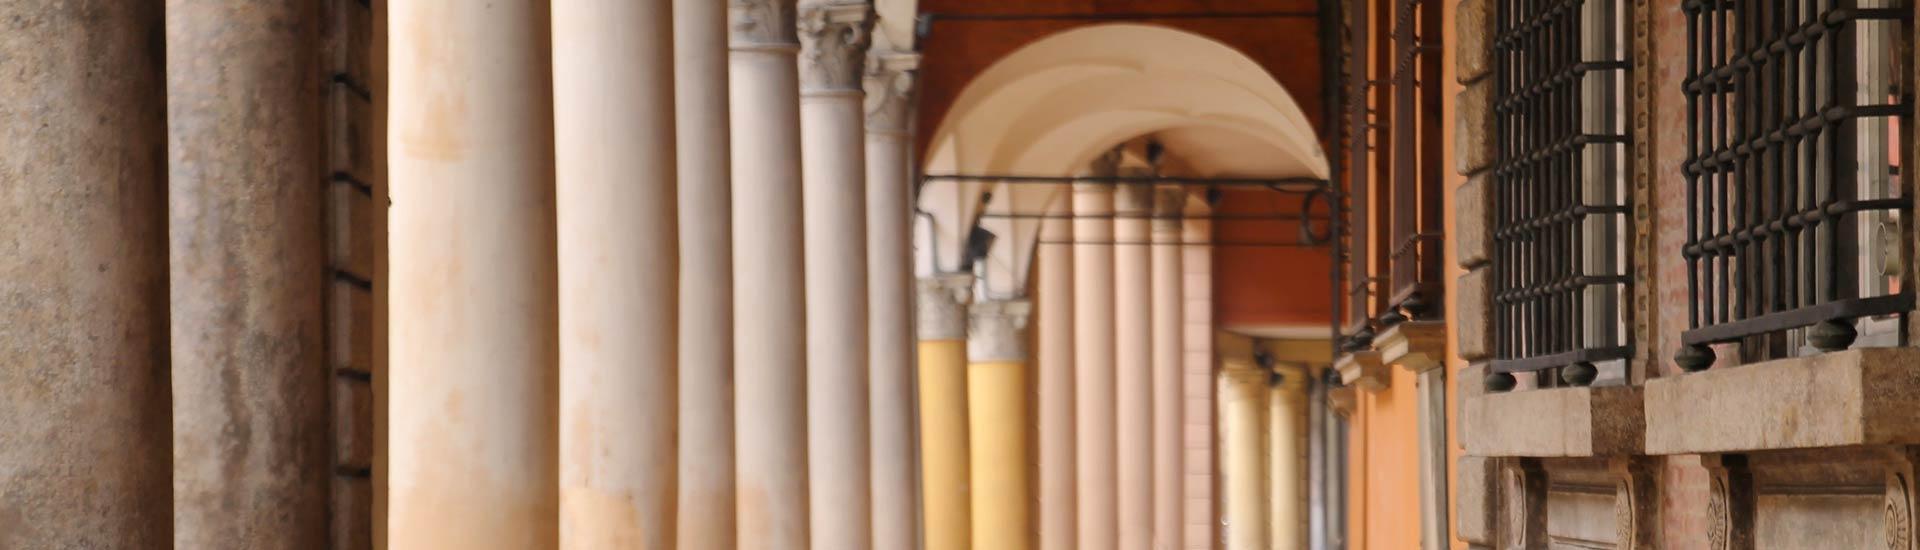 Oltre trenta tour operator  collegati da 17 nazioni per partecipare agli eductour virtuali  fra le città d'arte, i borghi e prodotti tipici dell'Emilia Romagna